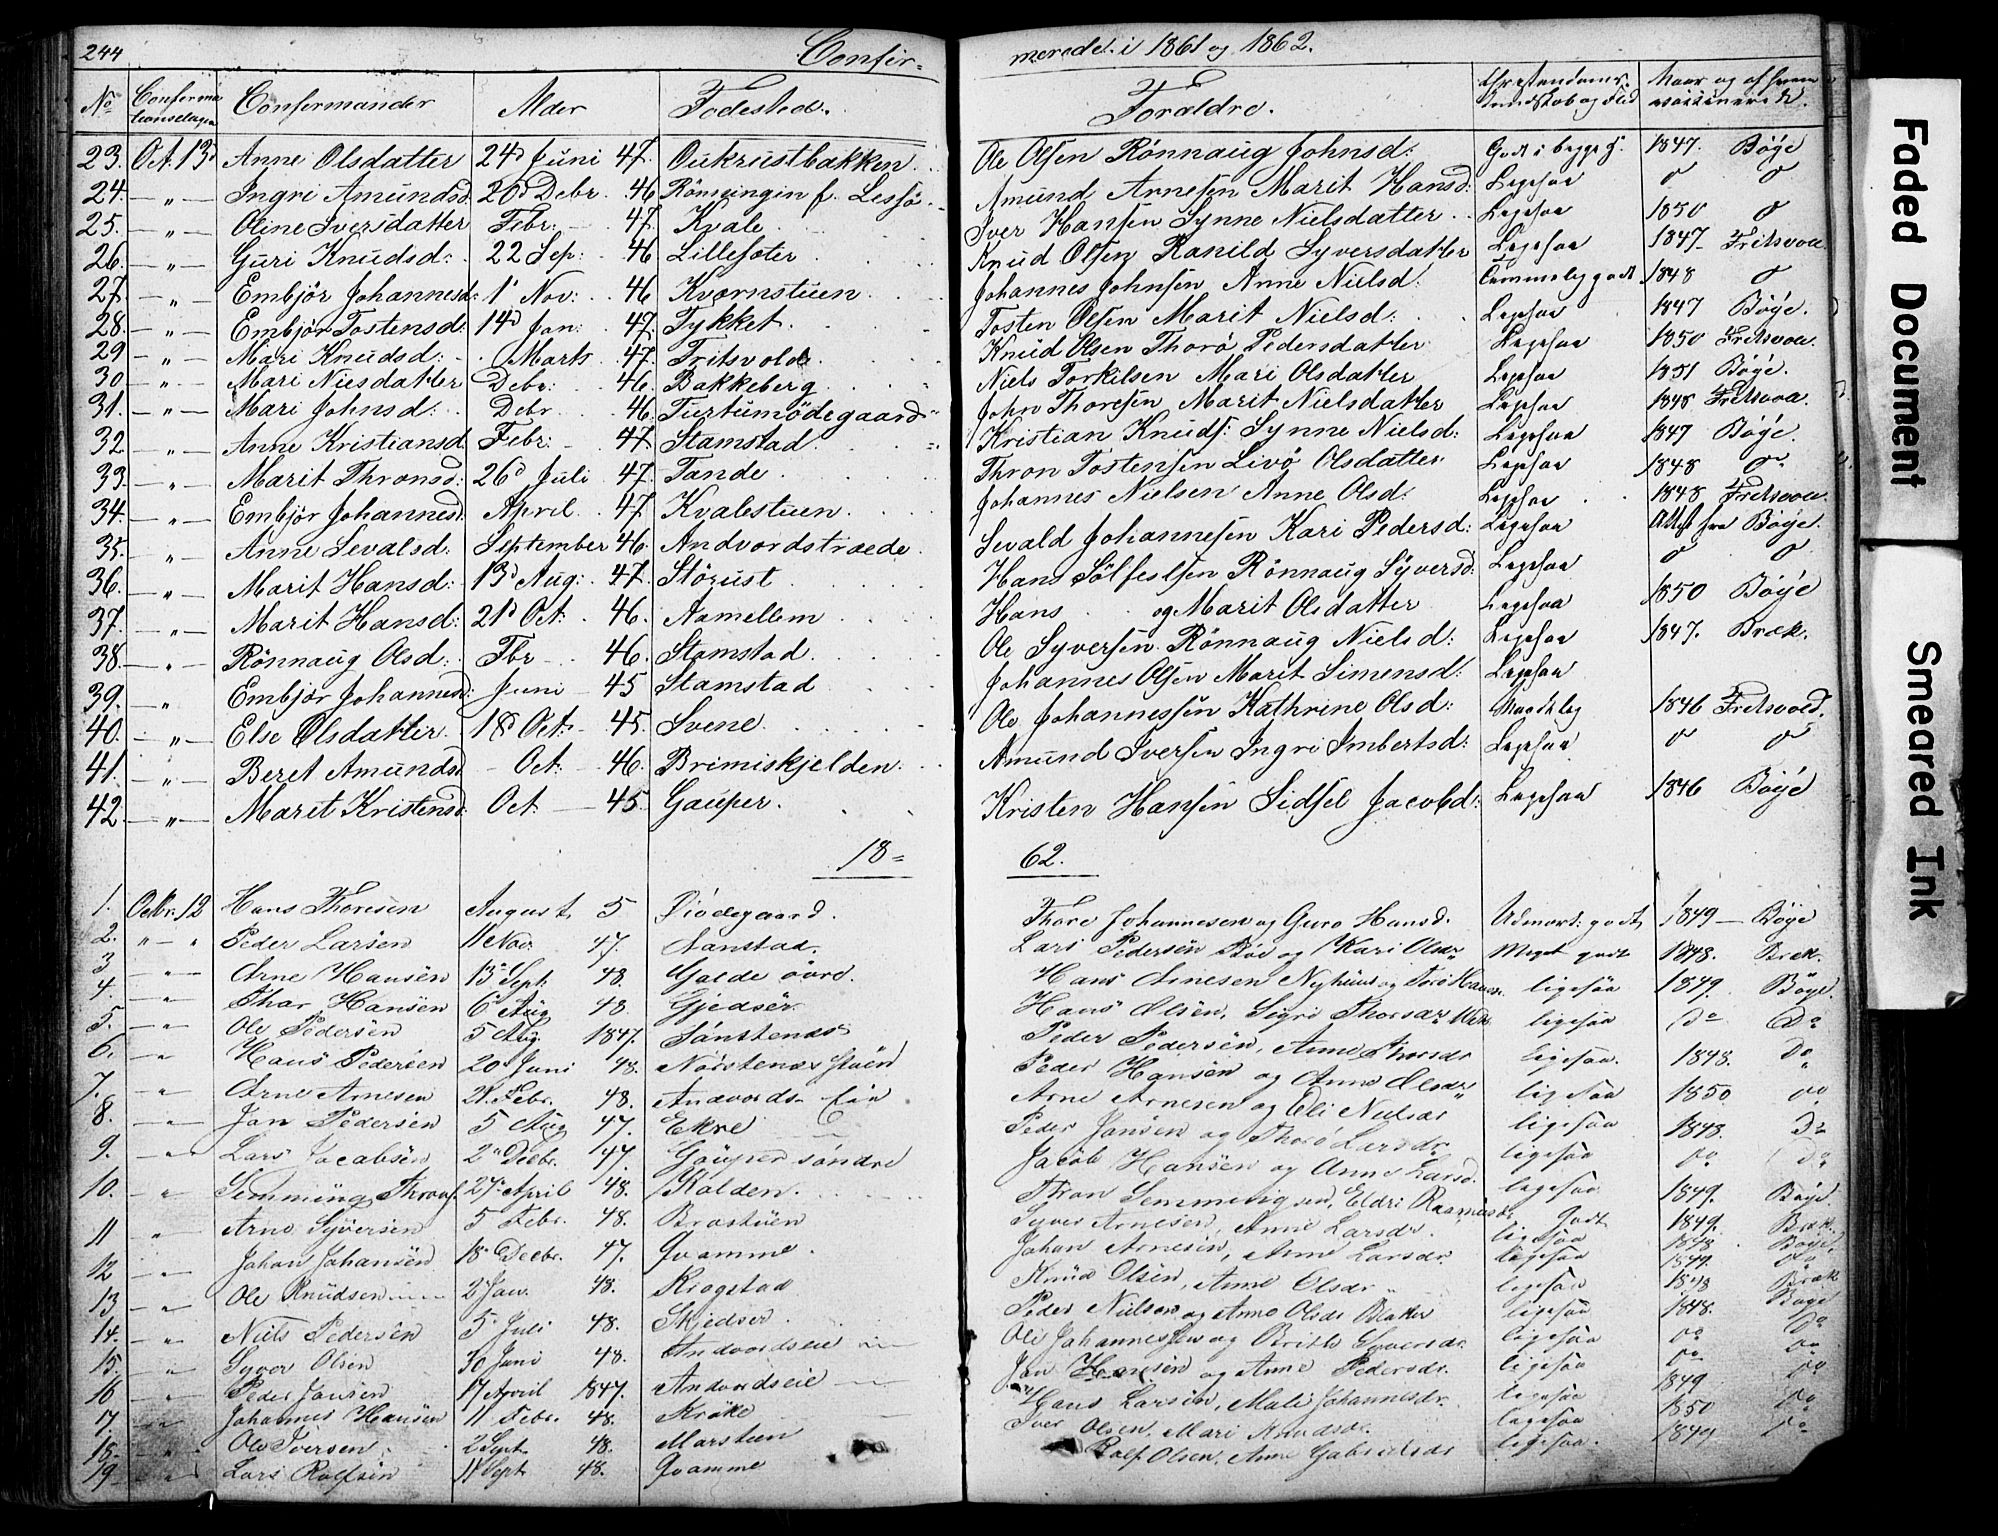 SAH, Lom prestekontor, L/L0012: Klokkerbok nr. 12, 1845-1873, s. 244-245